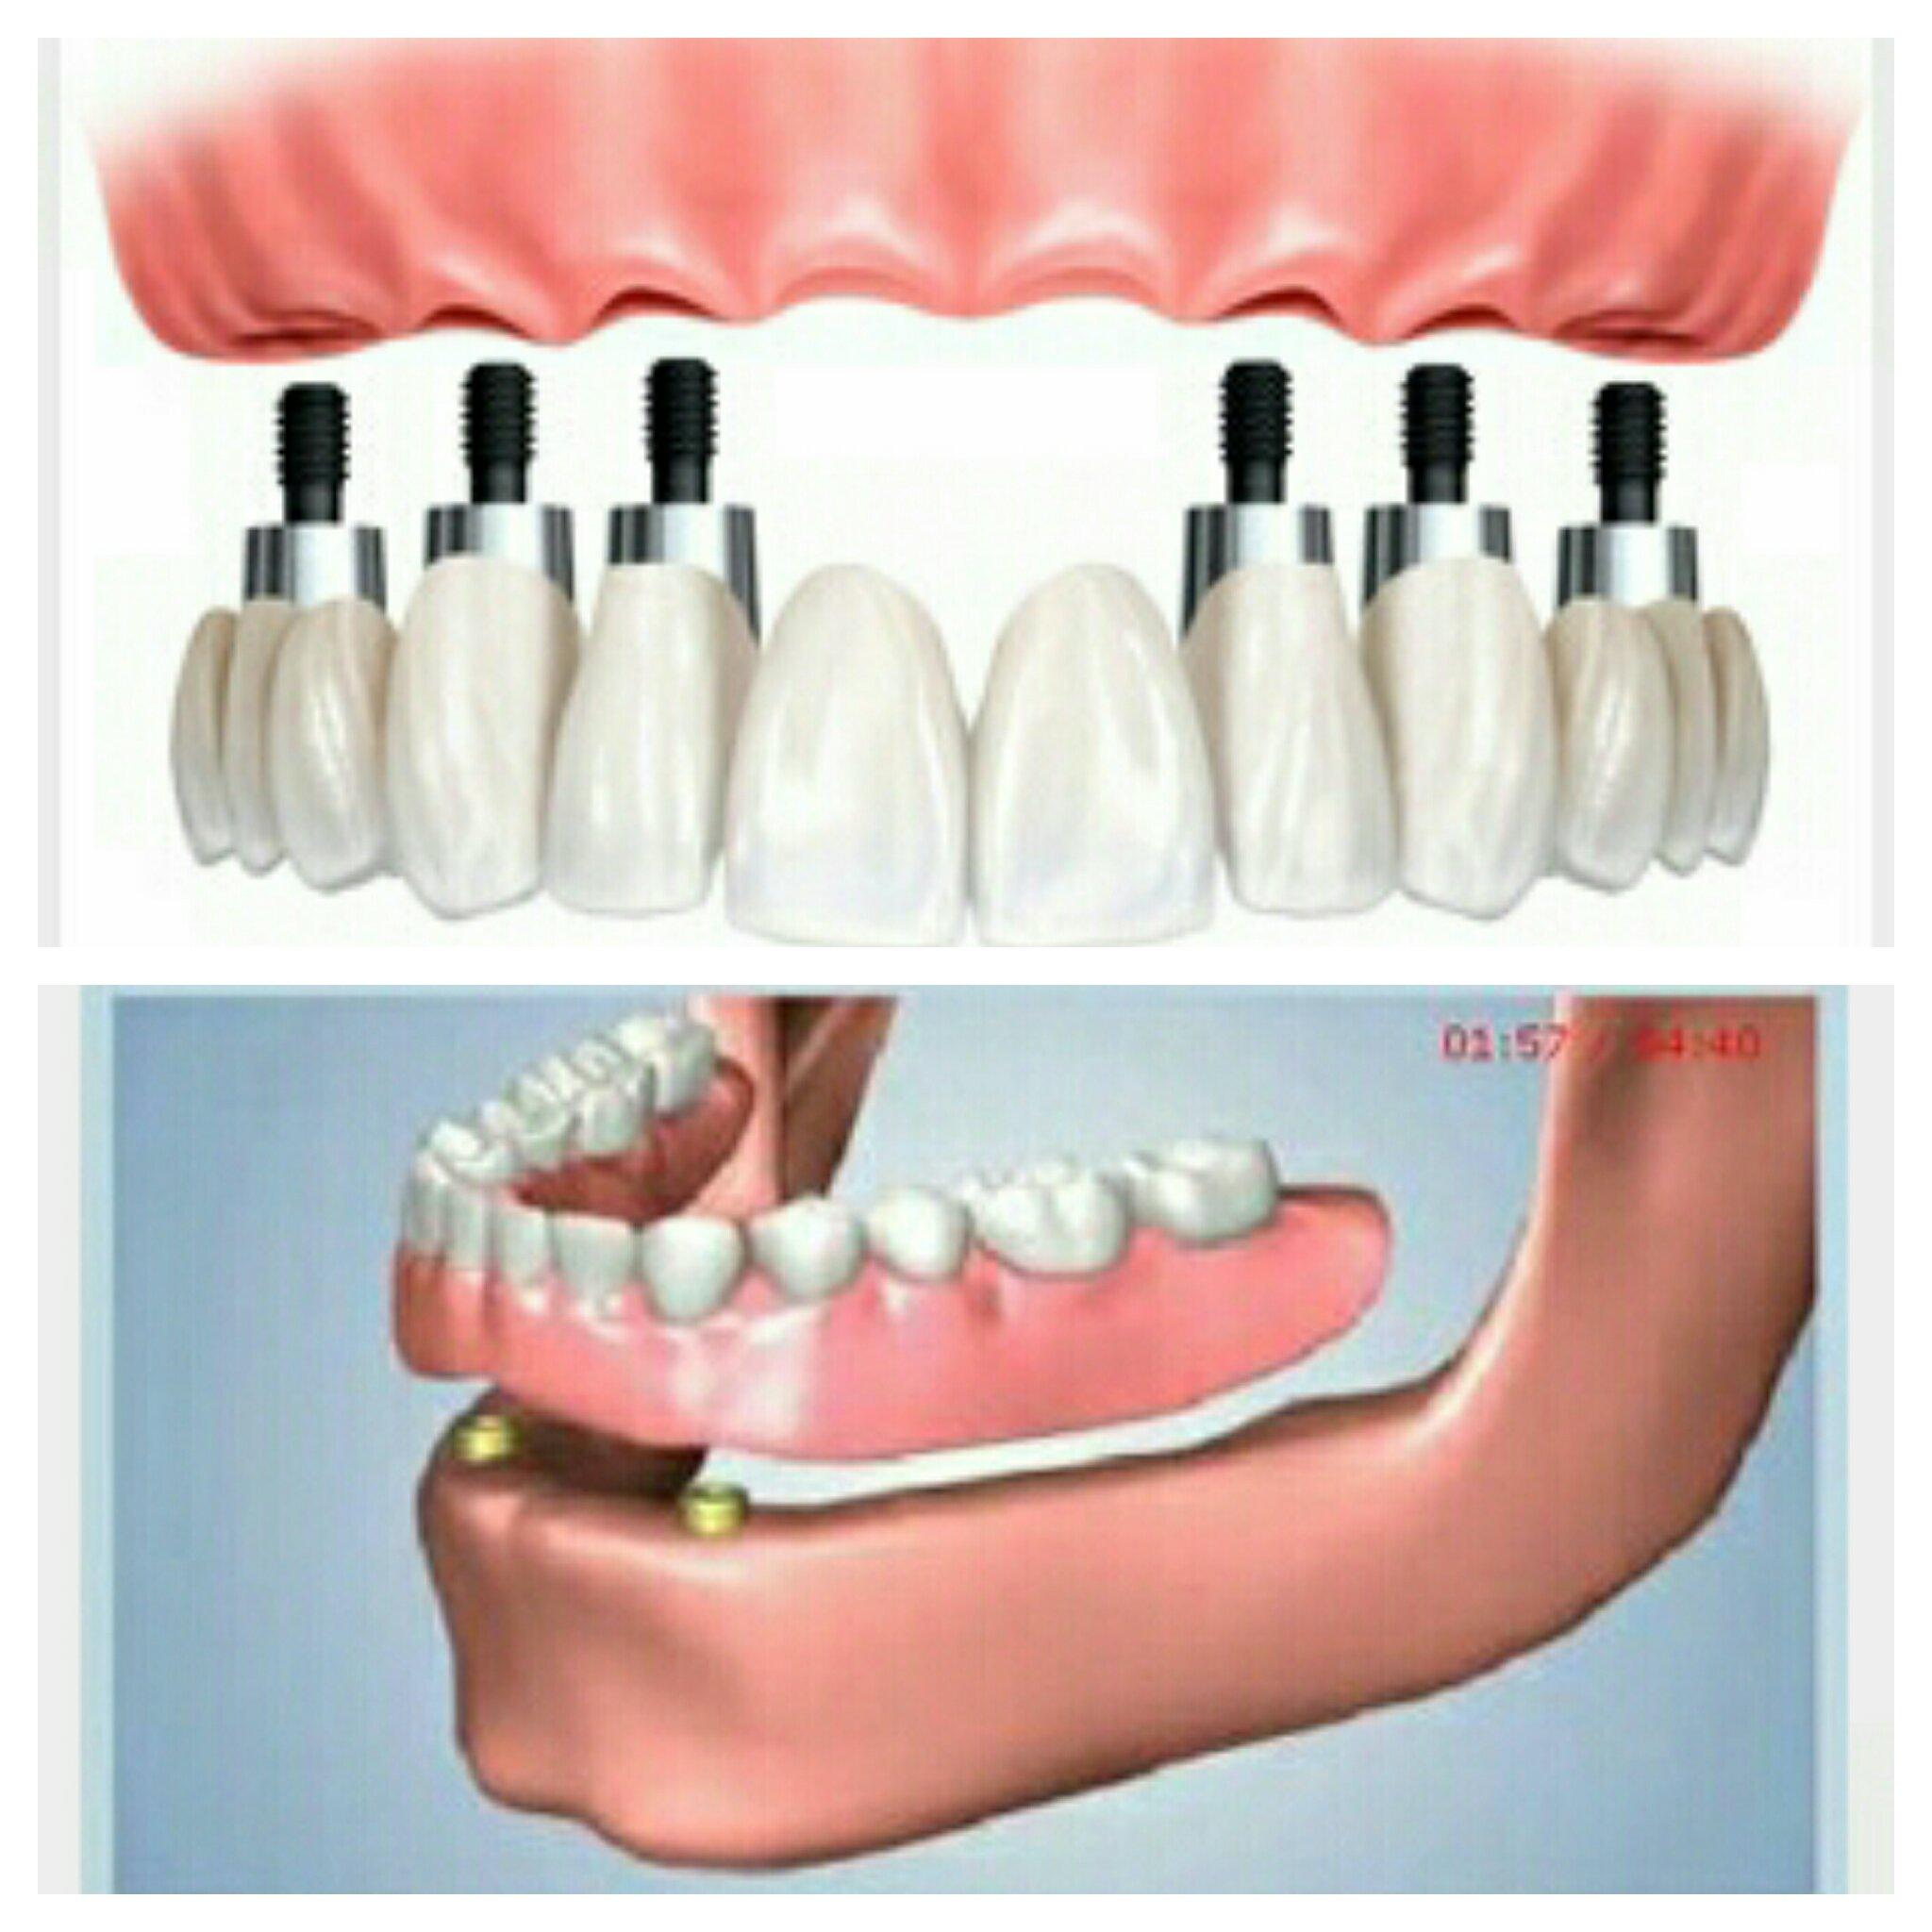 پروتز دندان و انواع آنها